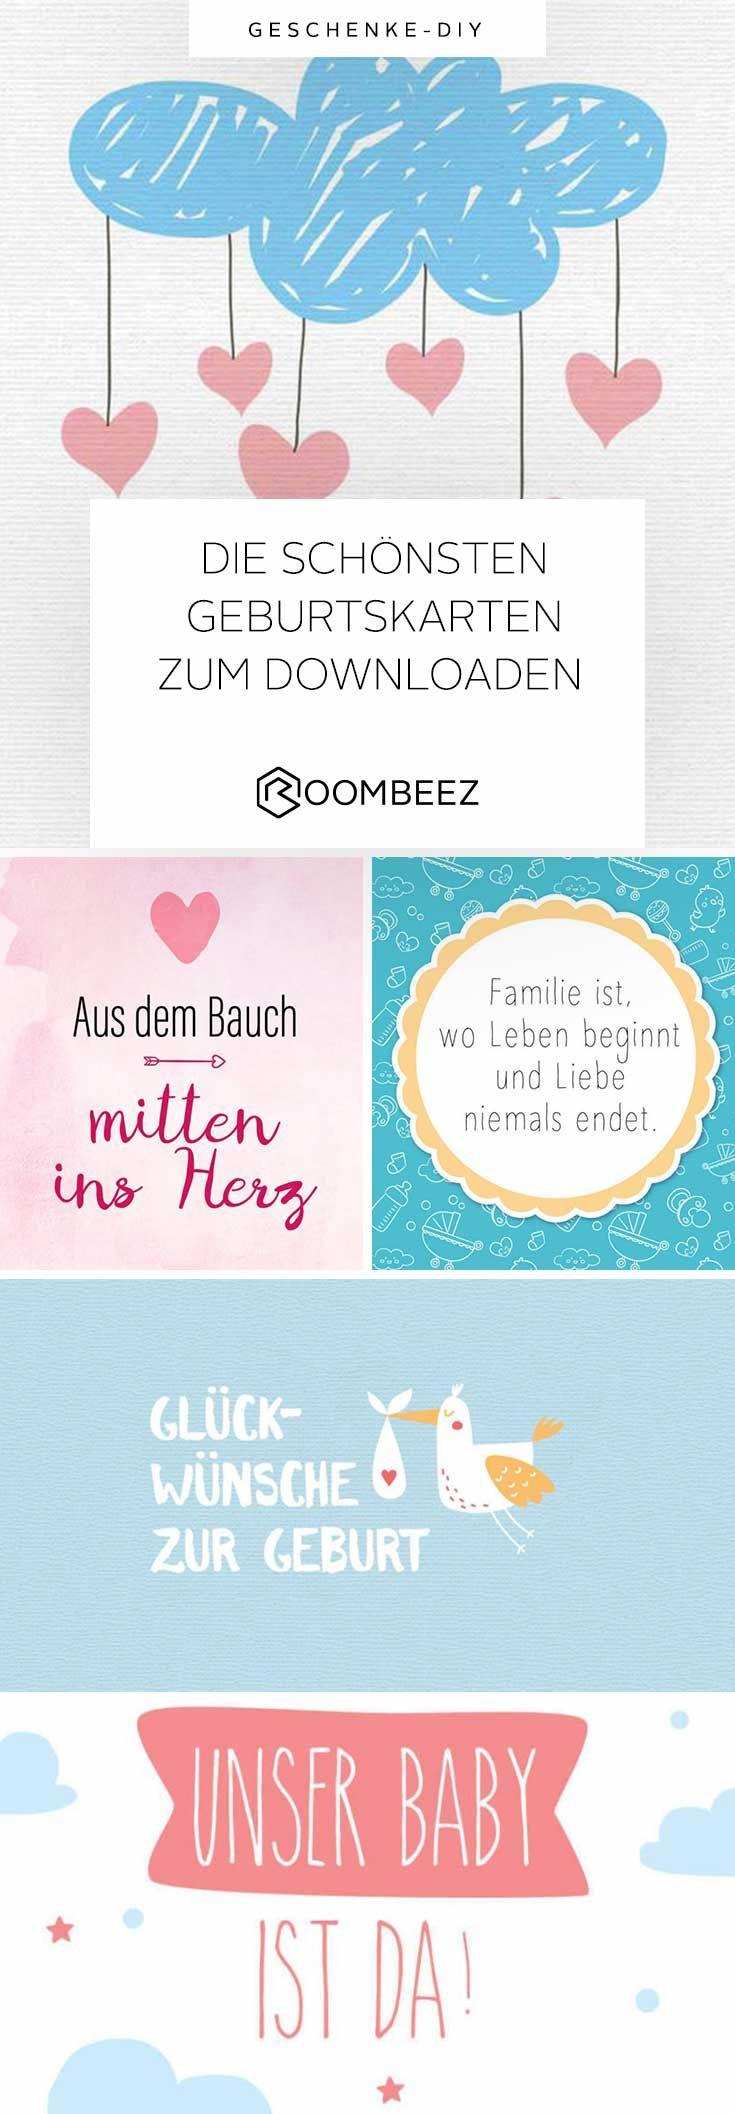 Gluckwunsche Zur Geburt 20 Kostenlose Babykarten Otto Gluckwunschkarte Geburt Geburtskarten Wunsche Zur Geburt